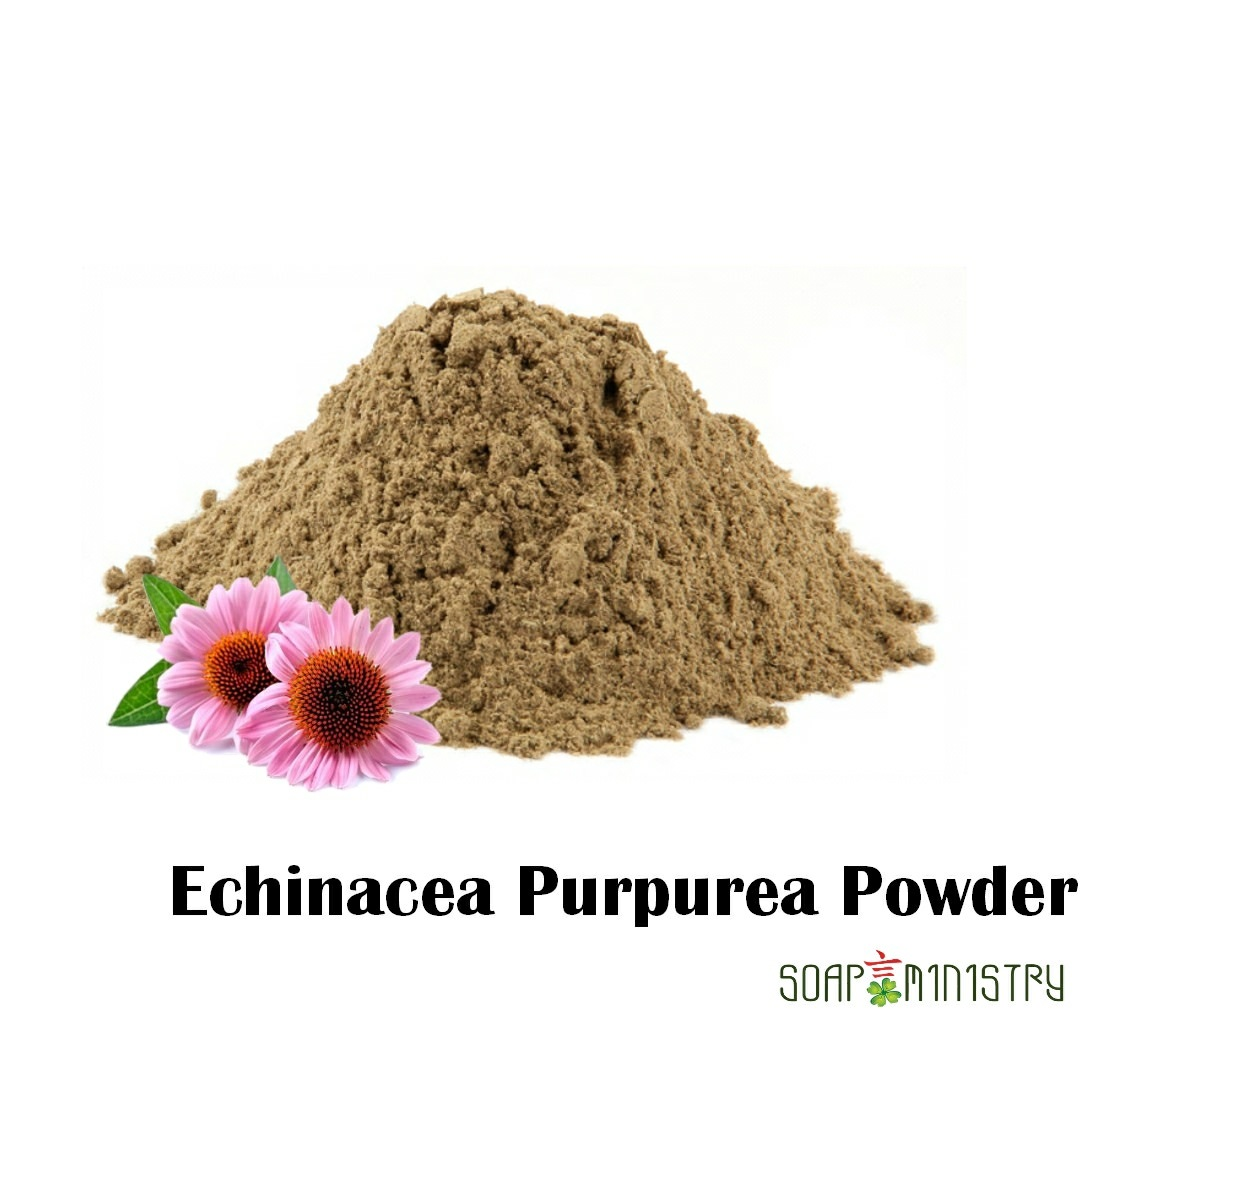 Echinacea Purpurea Powder 250g